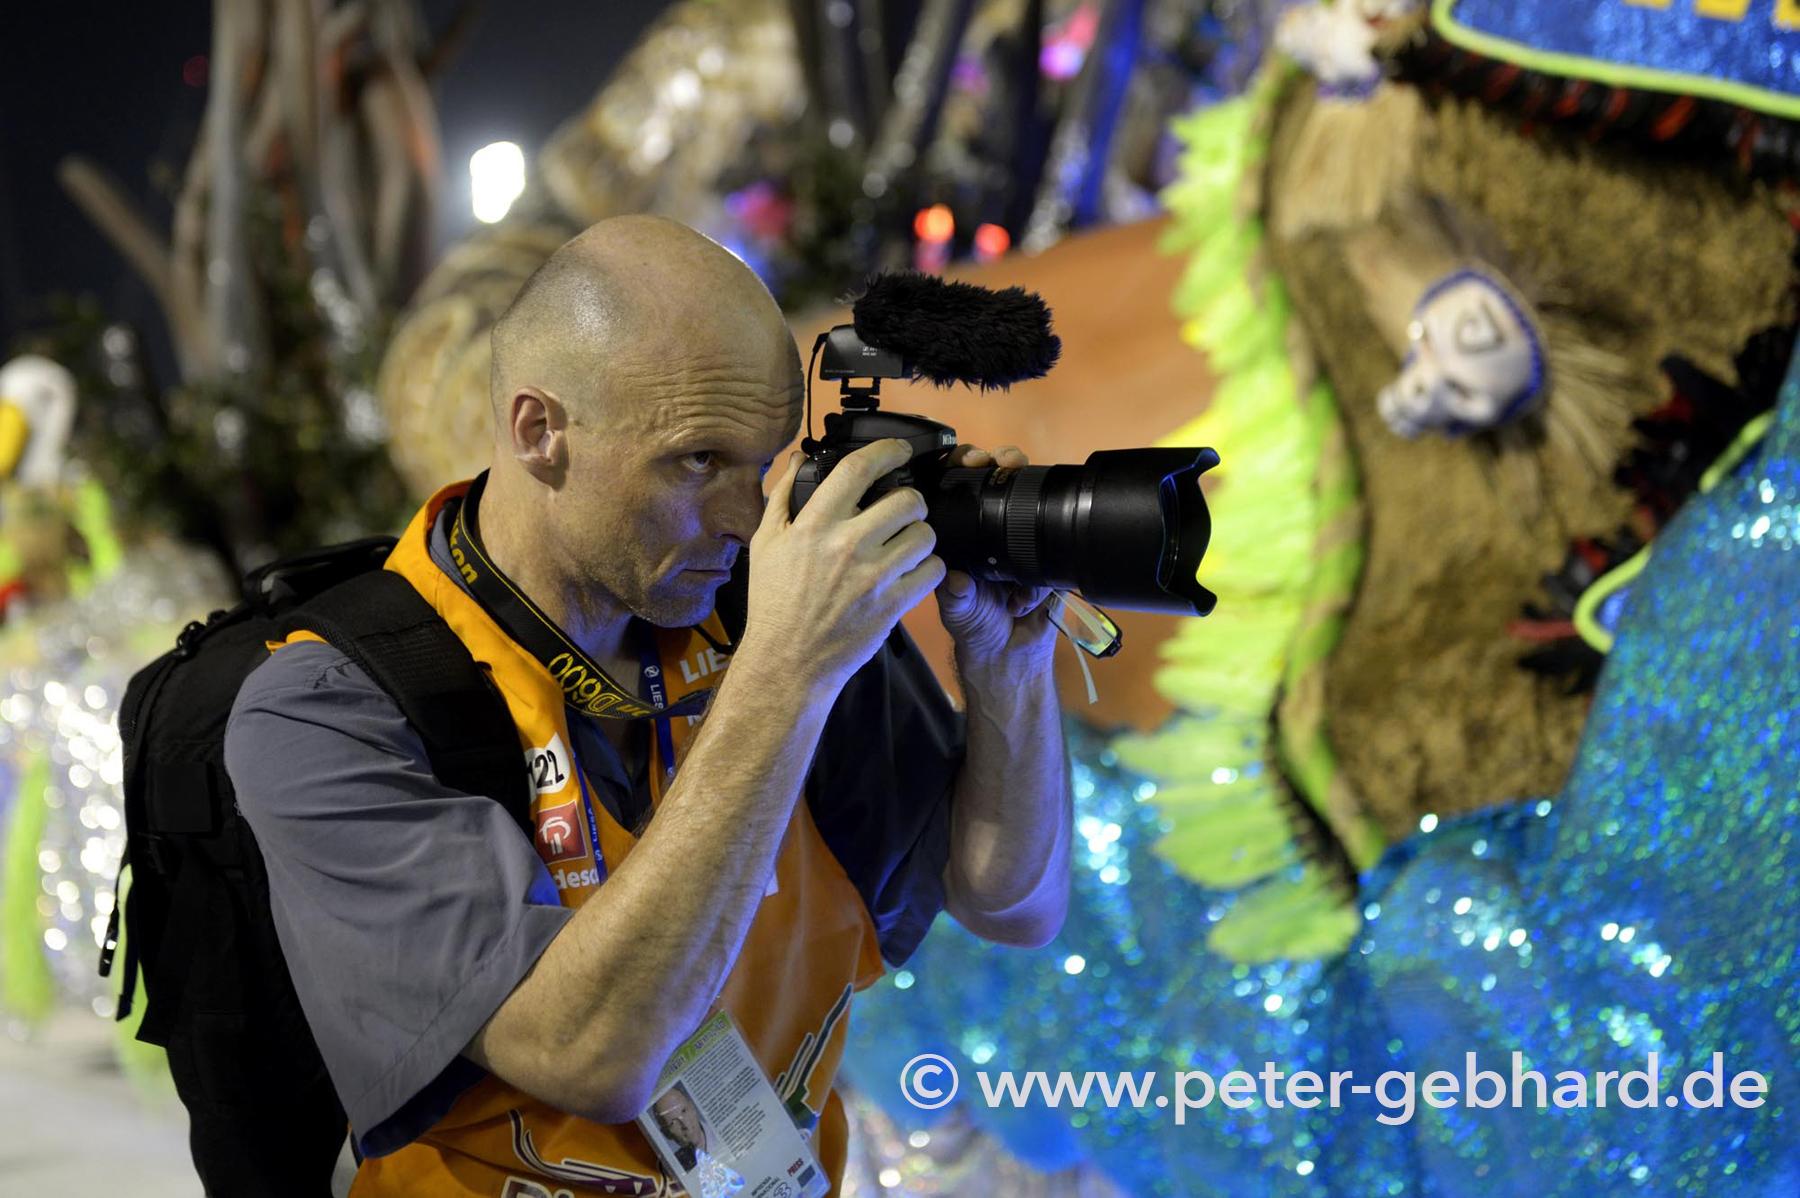 Peter Gebhard in Rio bei der Arbeit um 3.00 Uhr morgens im Sambódromo. Entweder man nimmt die teure Kamera mit und macht schöne Fotos oder man lässt es.